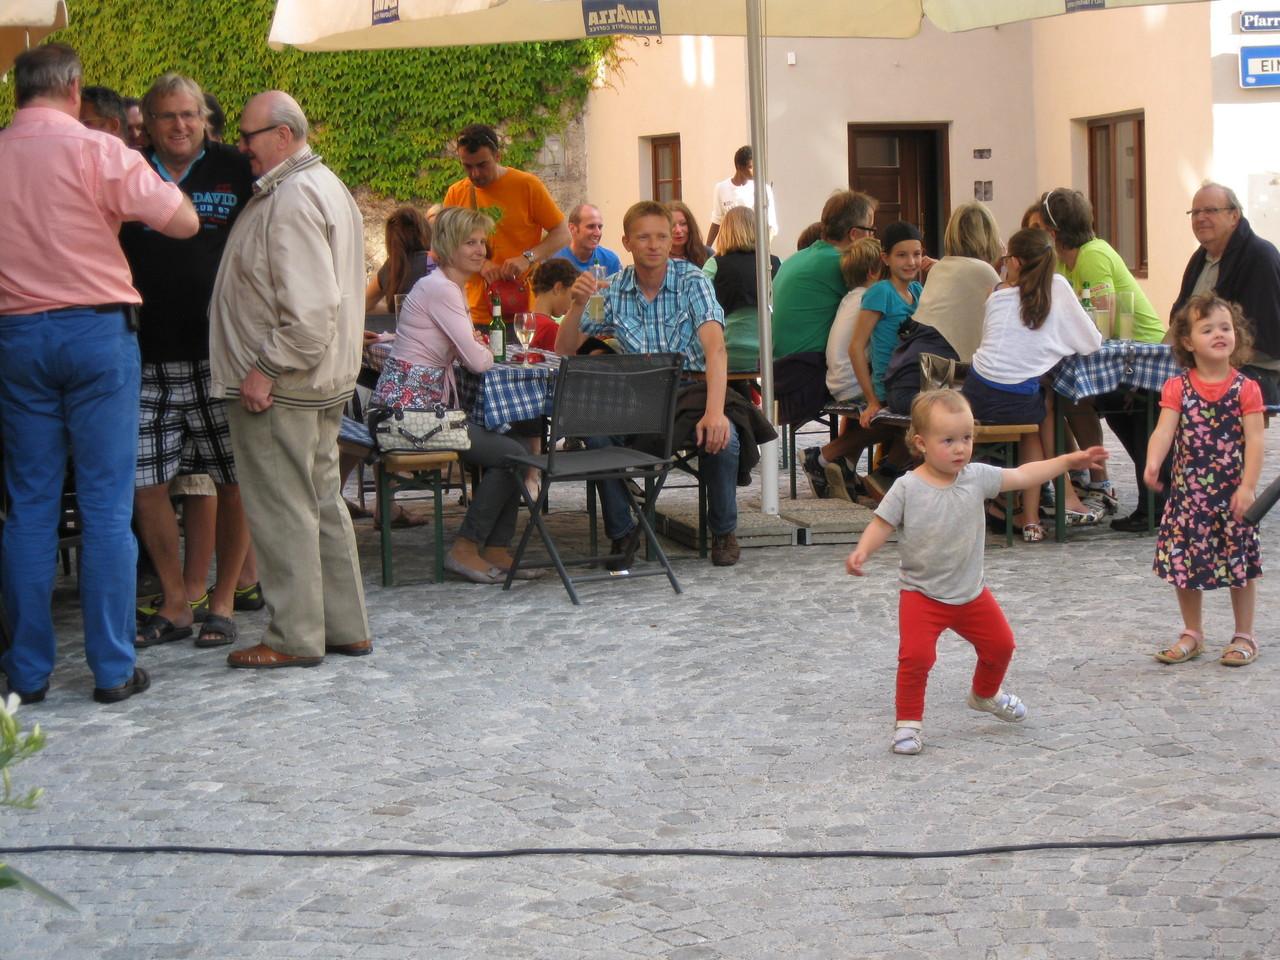 Ein Tänzchen zu den flotten Rhythmen gefällig?